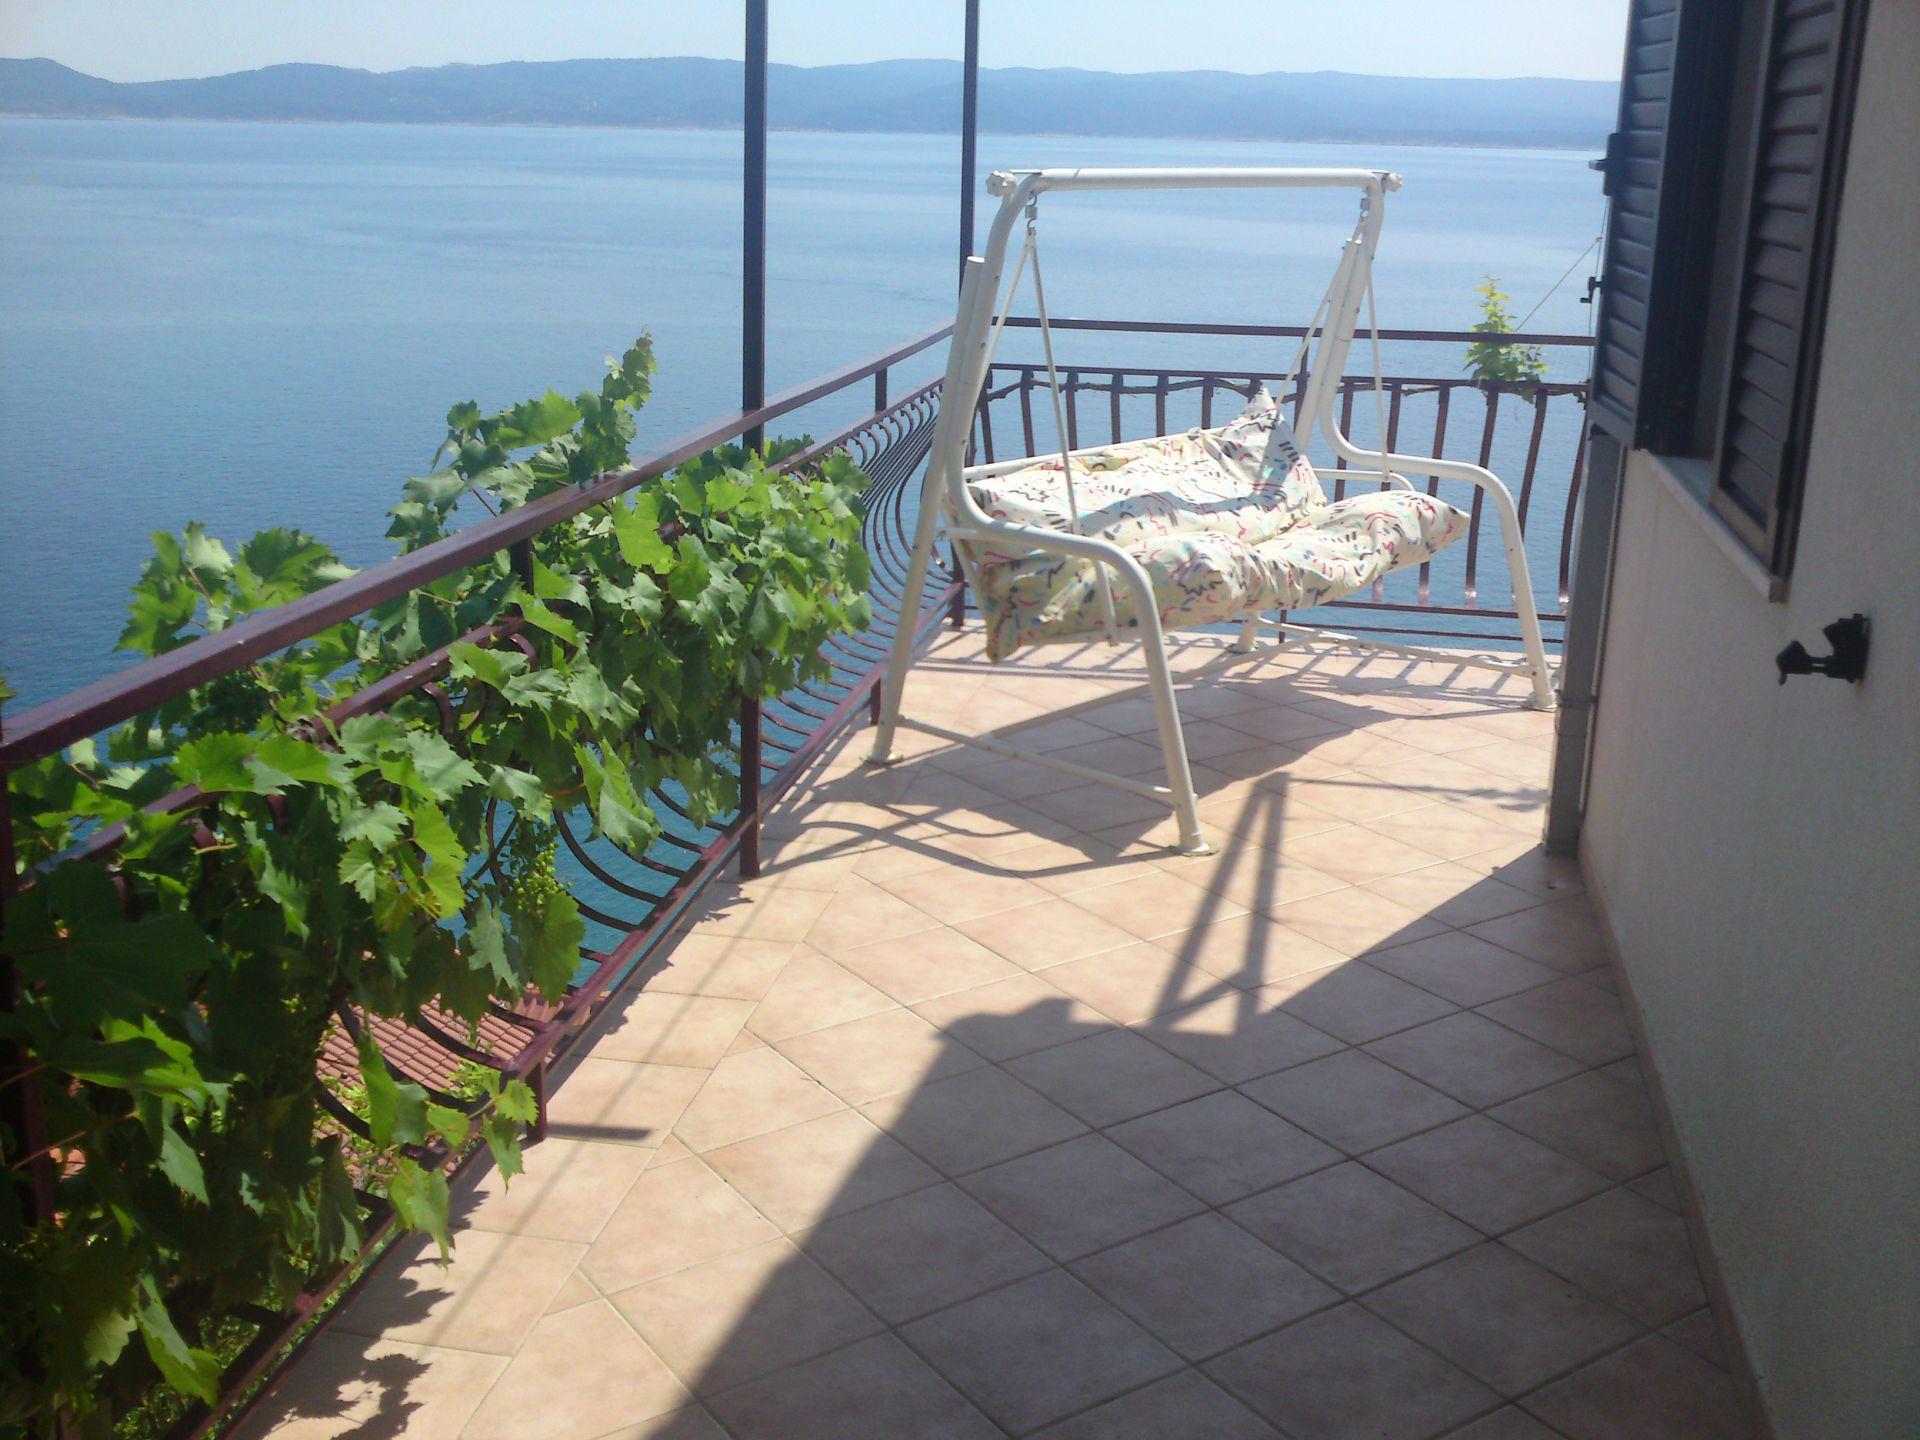 00209PISA  - Pisak - Ferienwohnungen Kroatien - A5 (2+2): Terasse